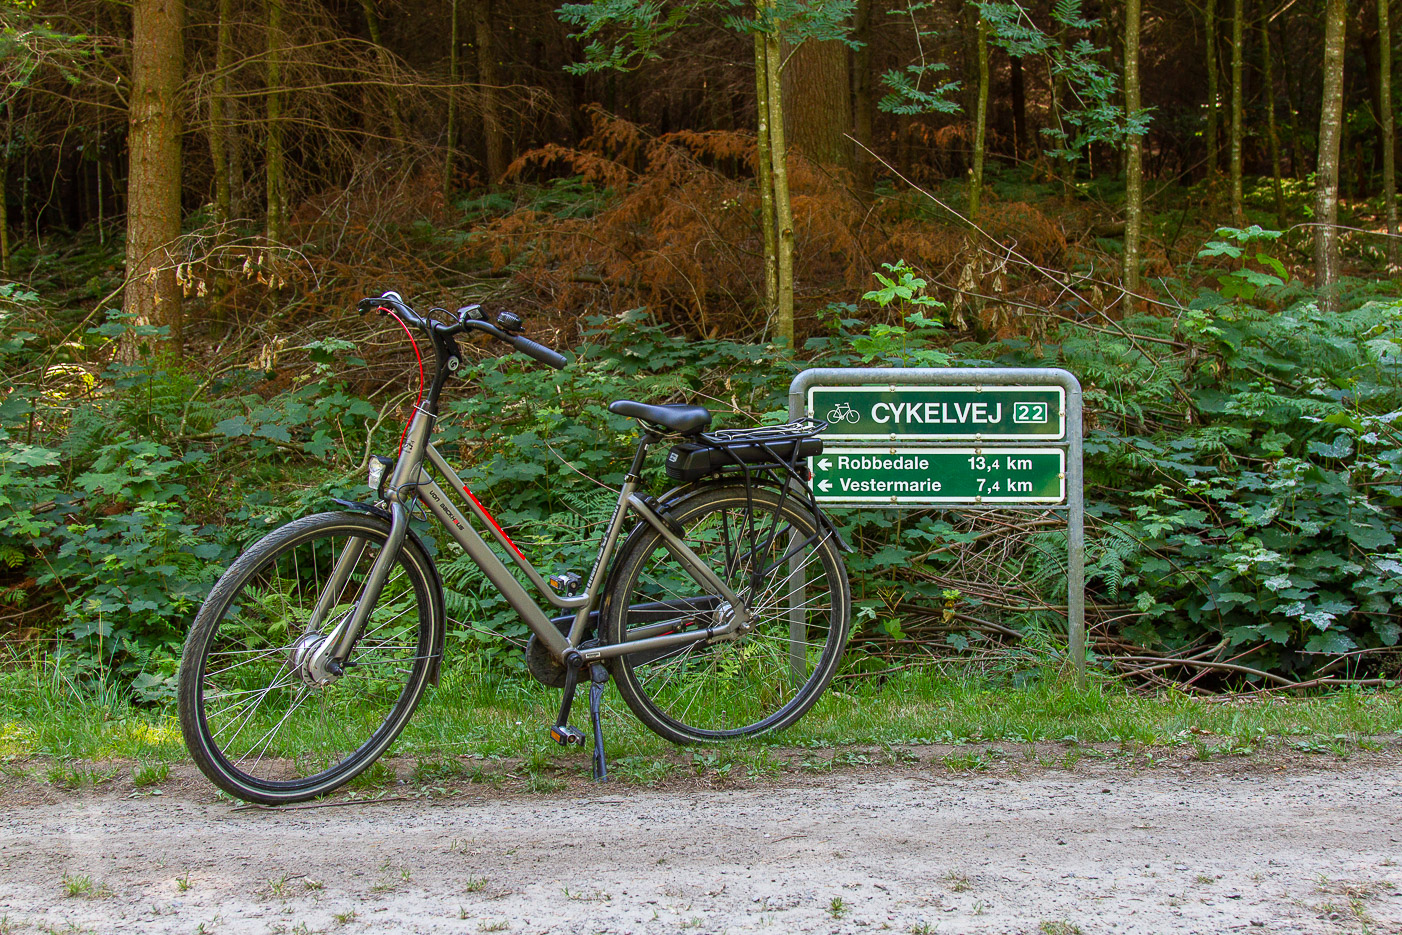 Cykelled på Bornholm